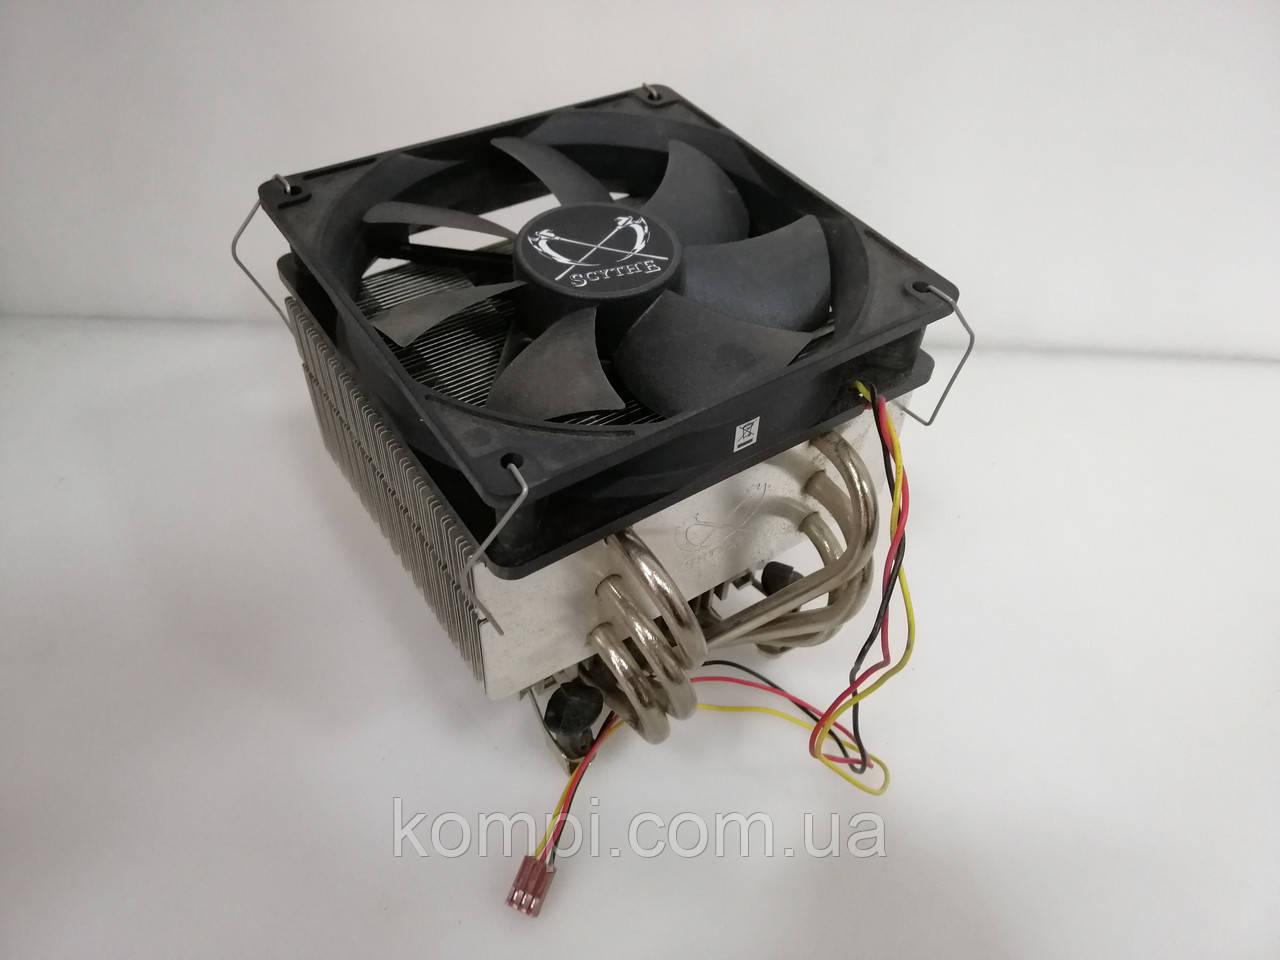 Кулер башня  S775 socket Intel б у мідь !!